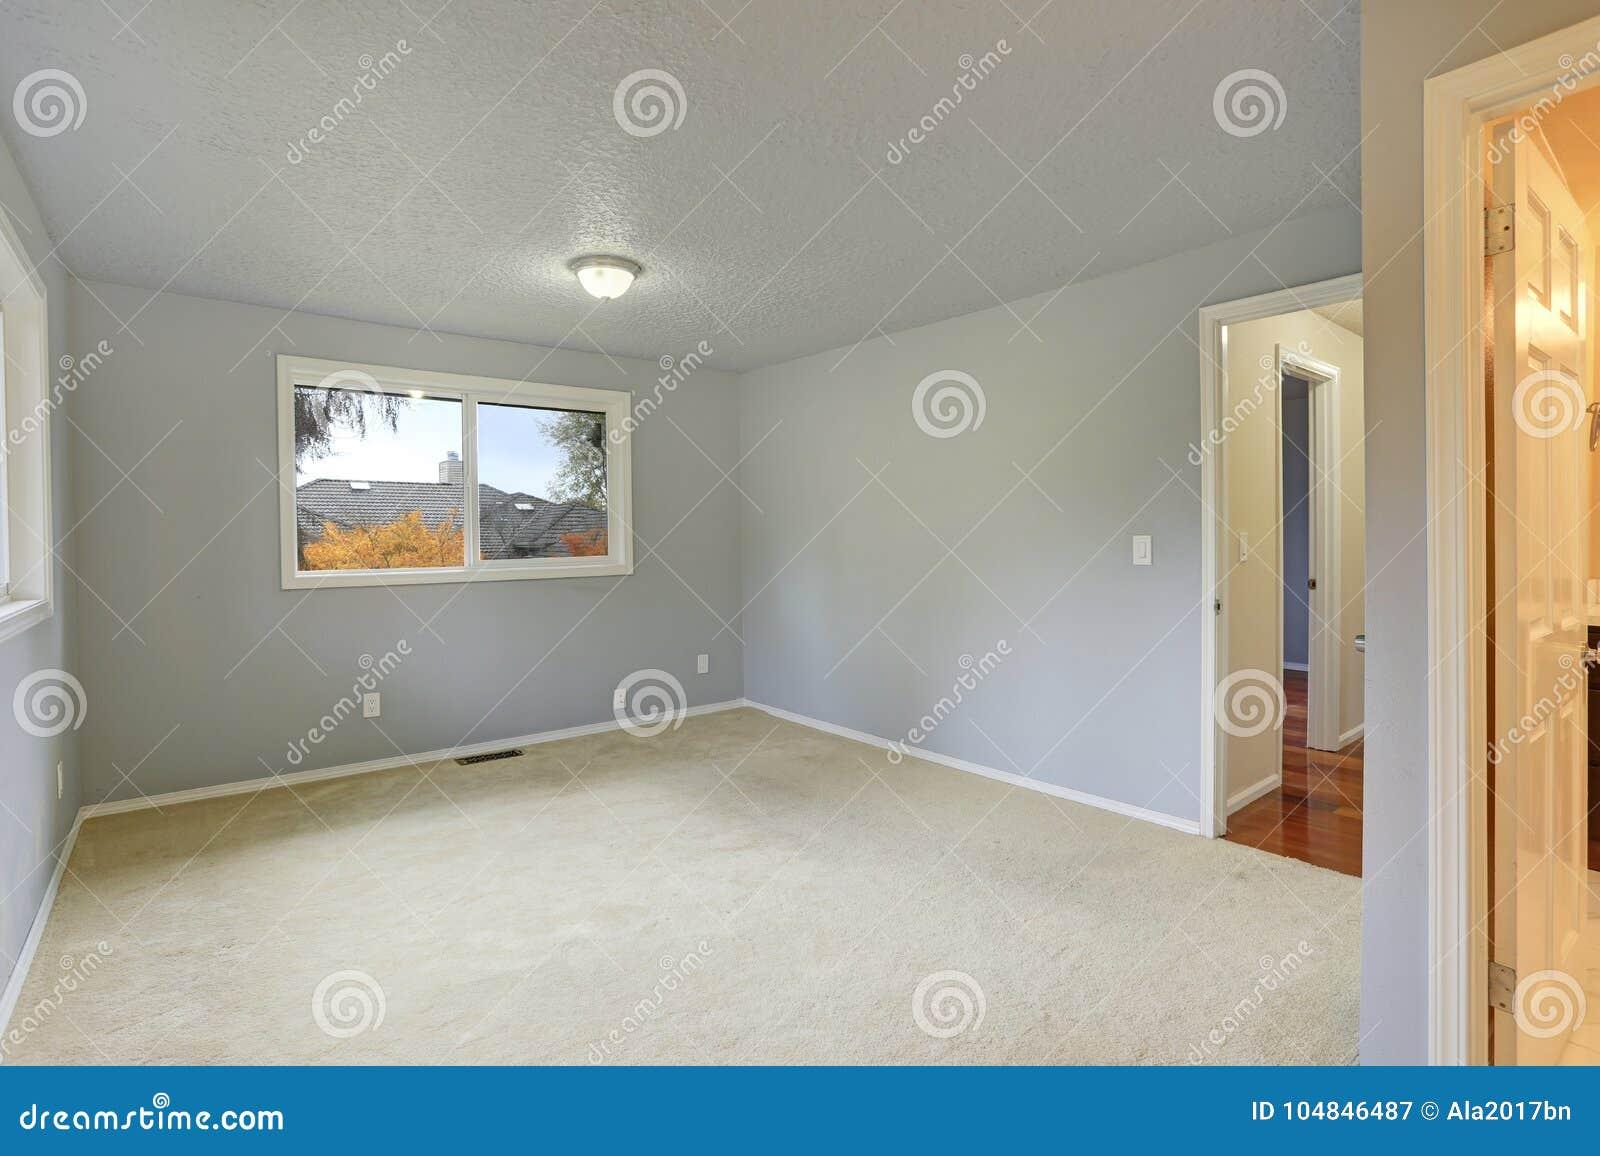 Pareti Beige Chiaro : Stanza vuota con colore blu chiaro della pittura delle pareti